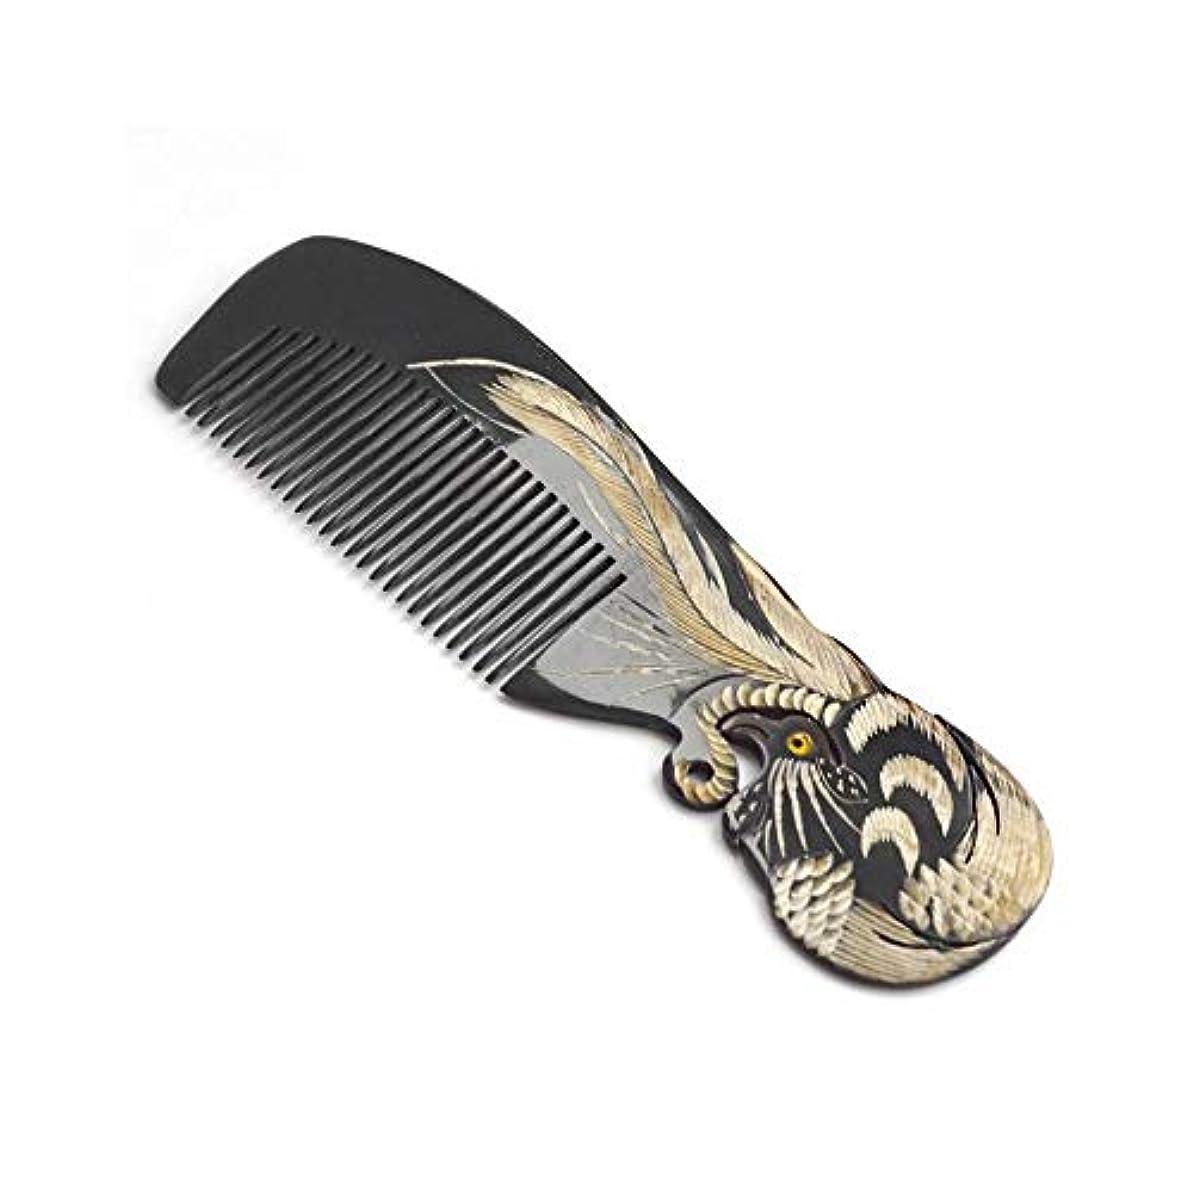 赤面バーベキューユーモアZYDP 黒髪の櫛の反静的な木の良い歯の櫛 - 天然水牛の角の櫛の孔雀のデザイン (色 : 099B)